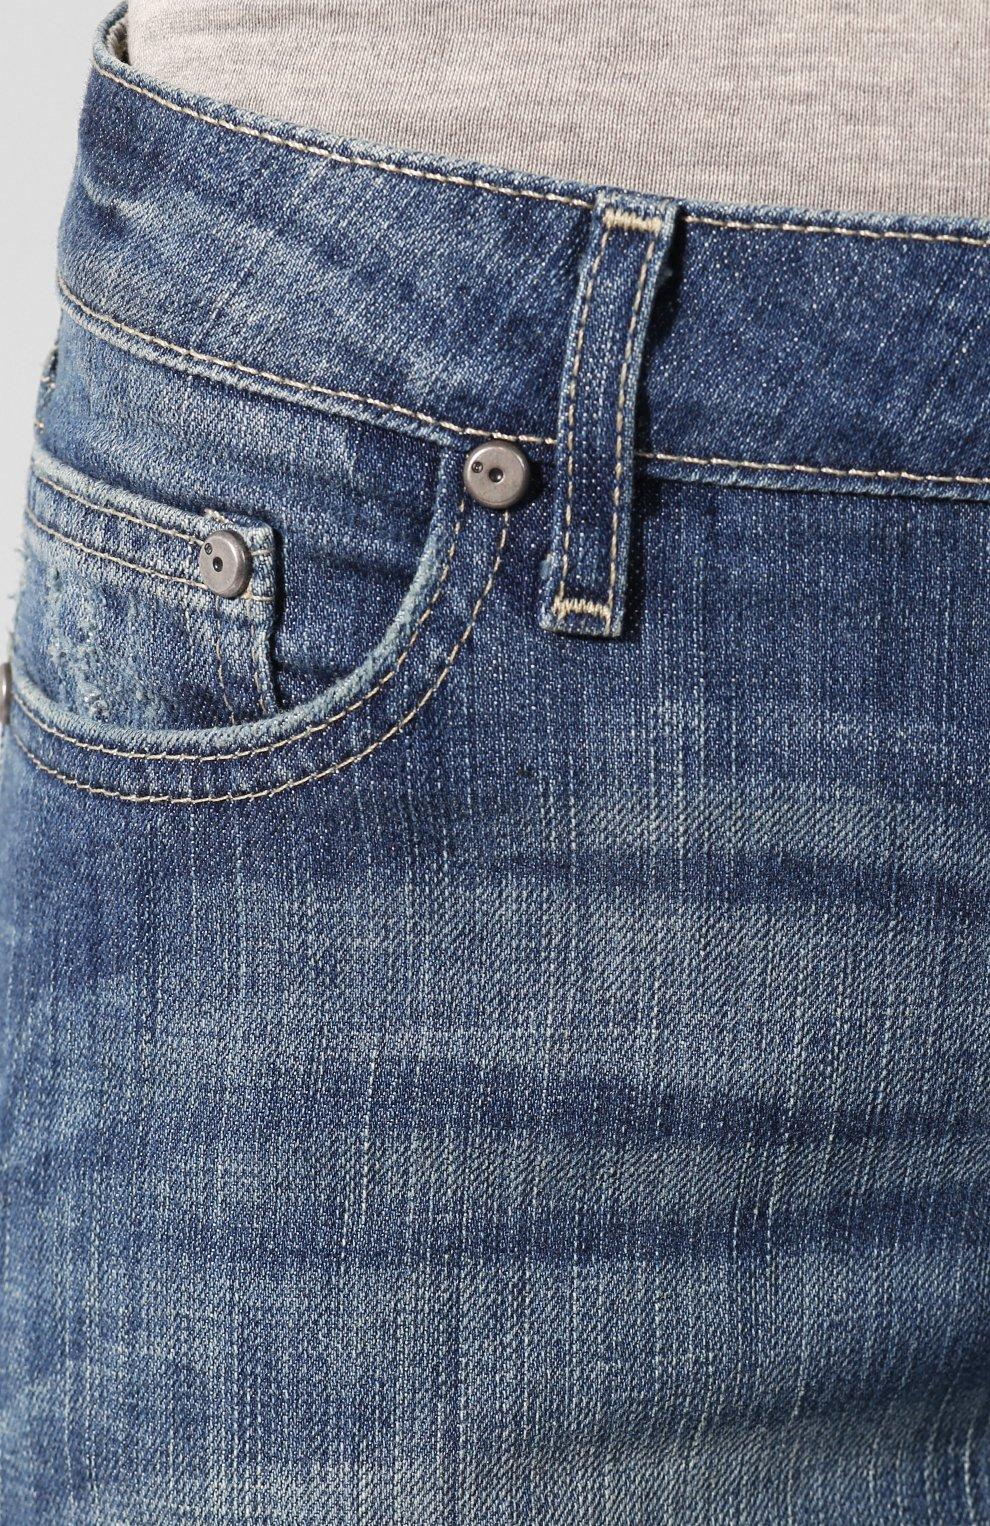 Женские джинсы с отворотами black label HARLEY-DAVIDSON голубого цвета, арт. 96188-15VW | Фото 5